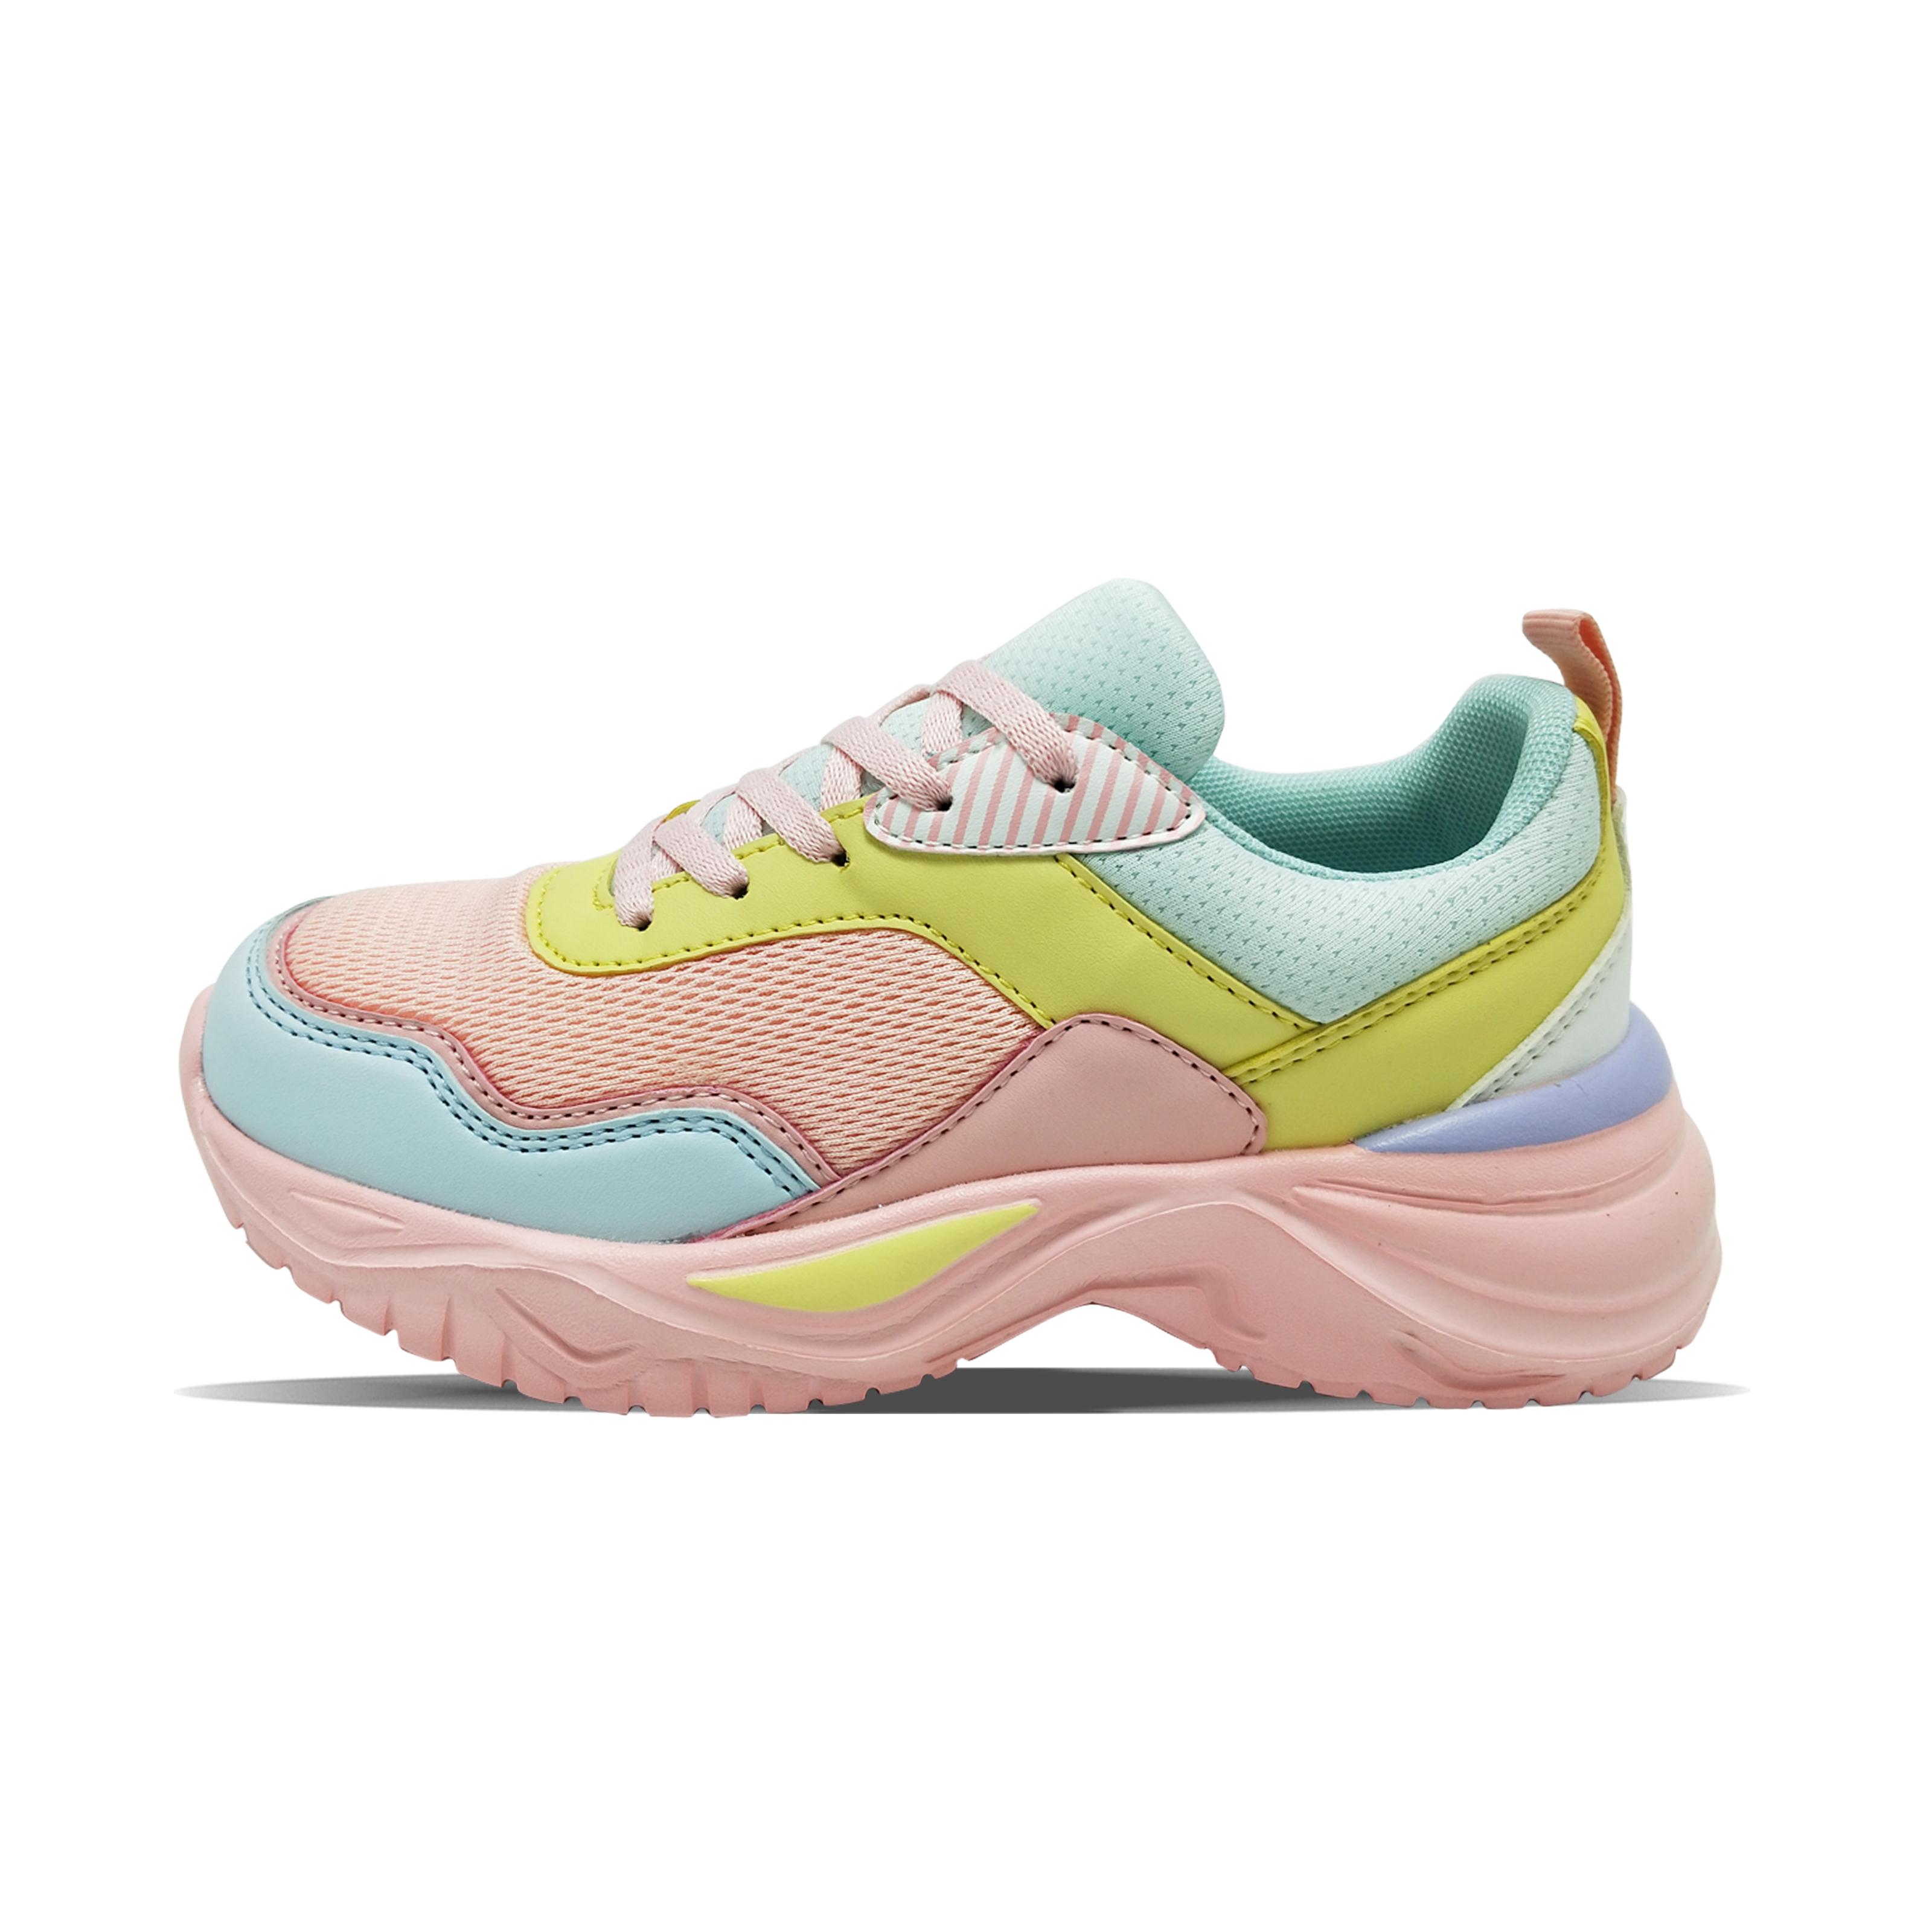 La maggior parte delle ragazze in vendita calda s PU maglia scarpe sportive